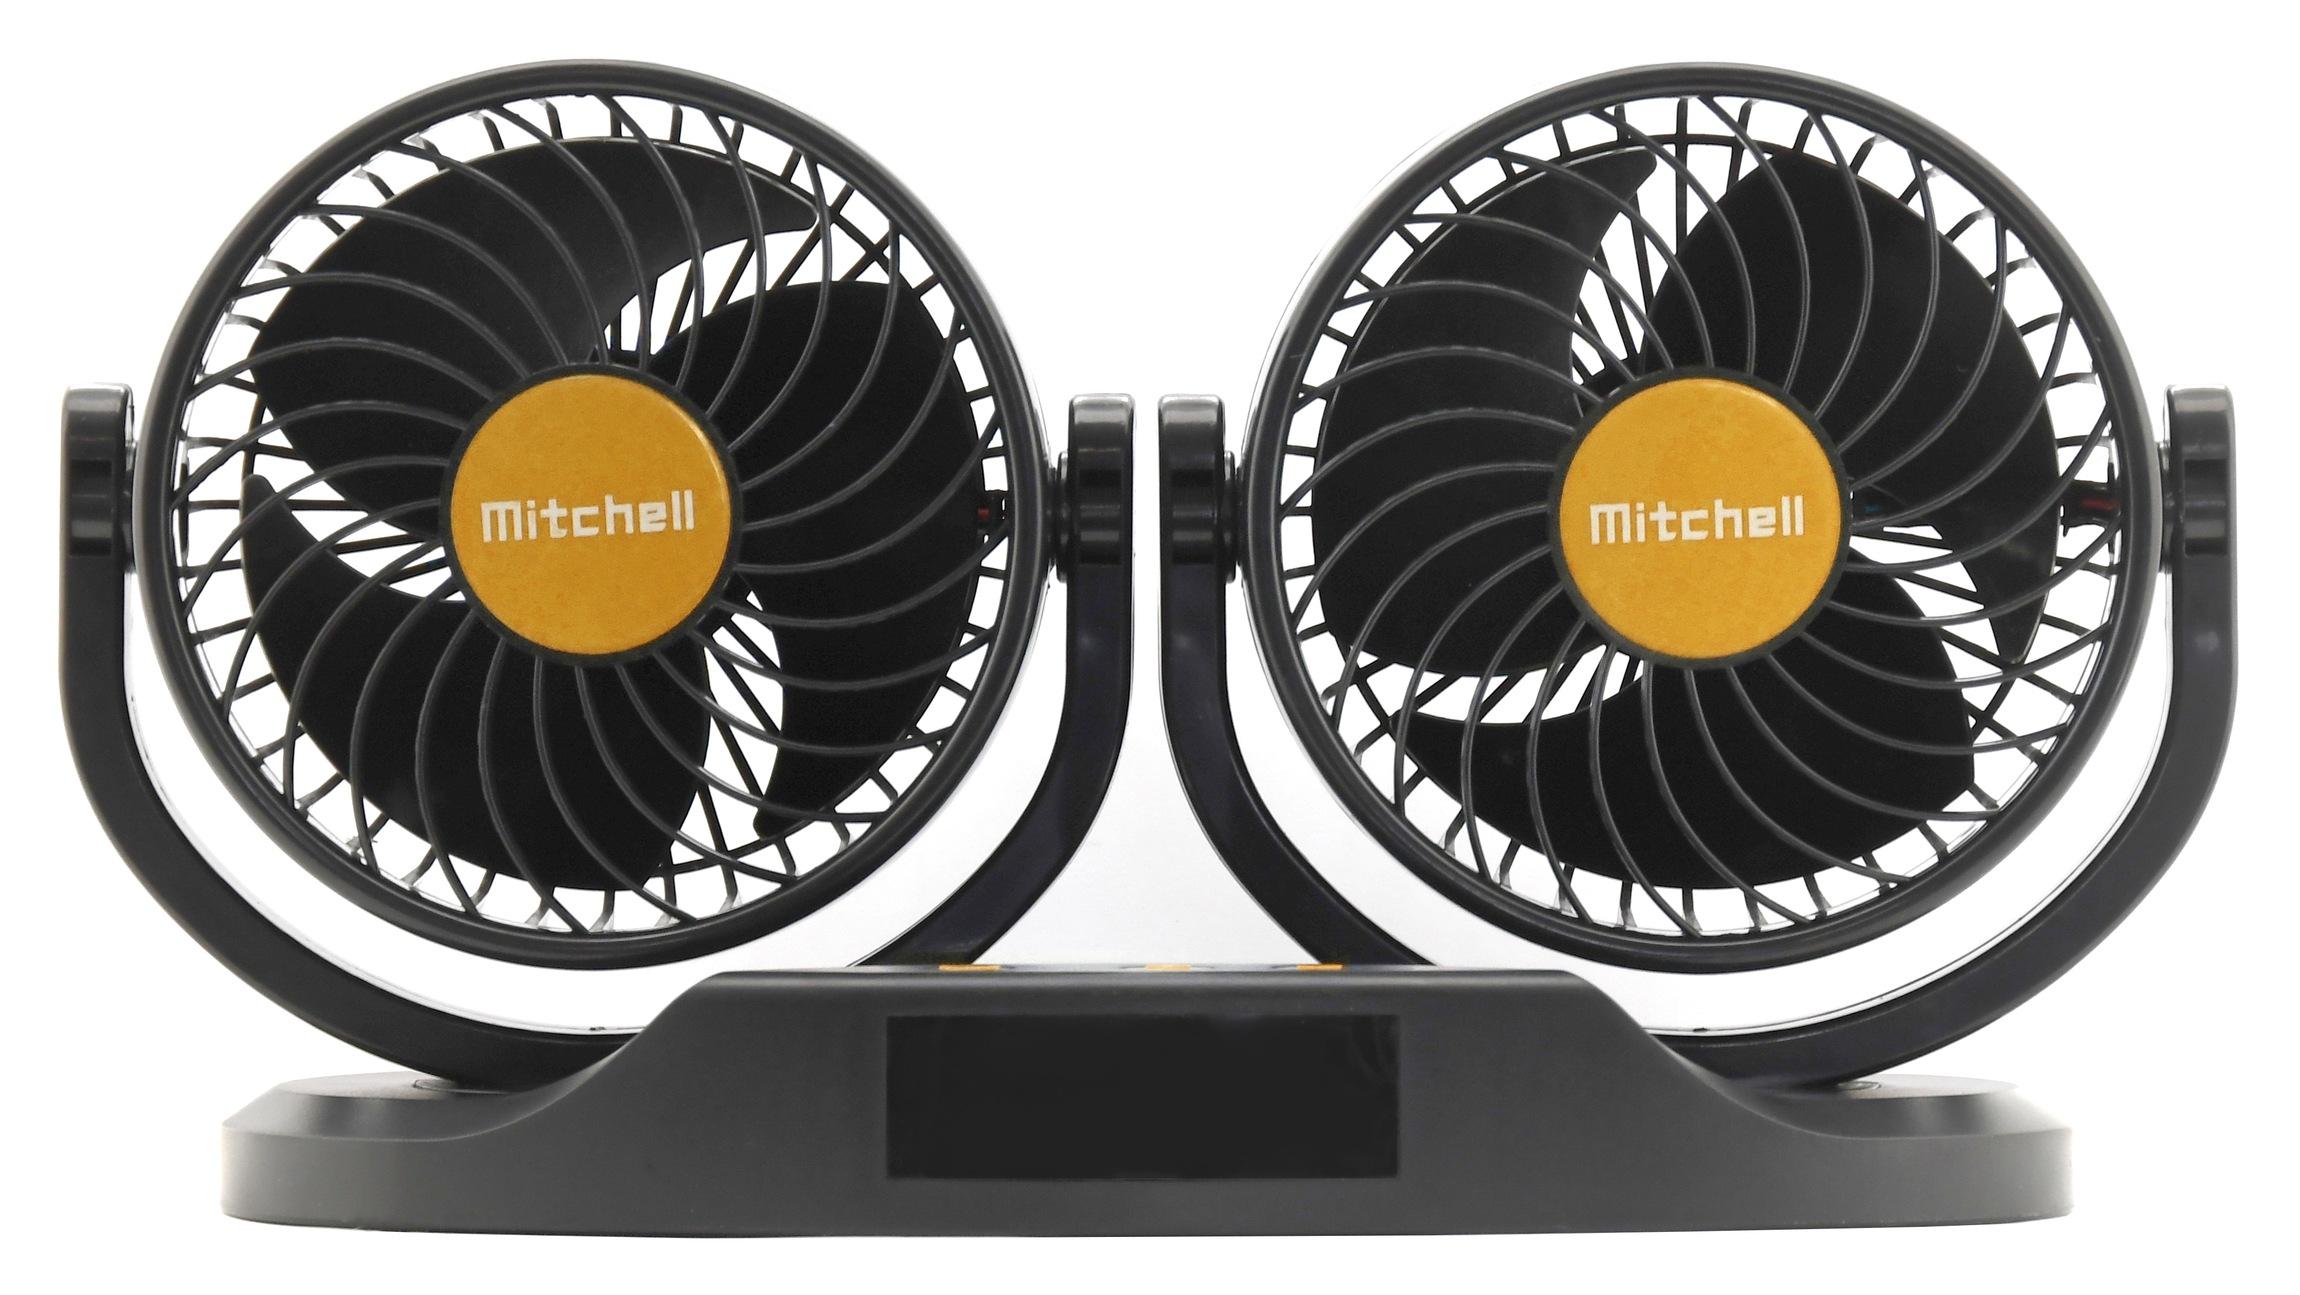 Ventilátor MITCHELL DUO 2x130mm 24V na palubní desku s teploměrem